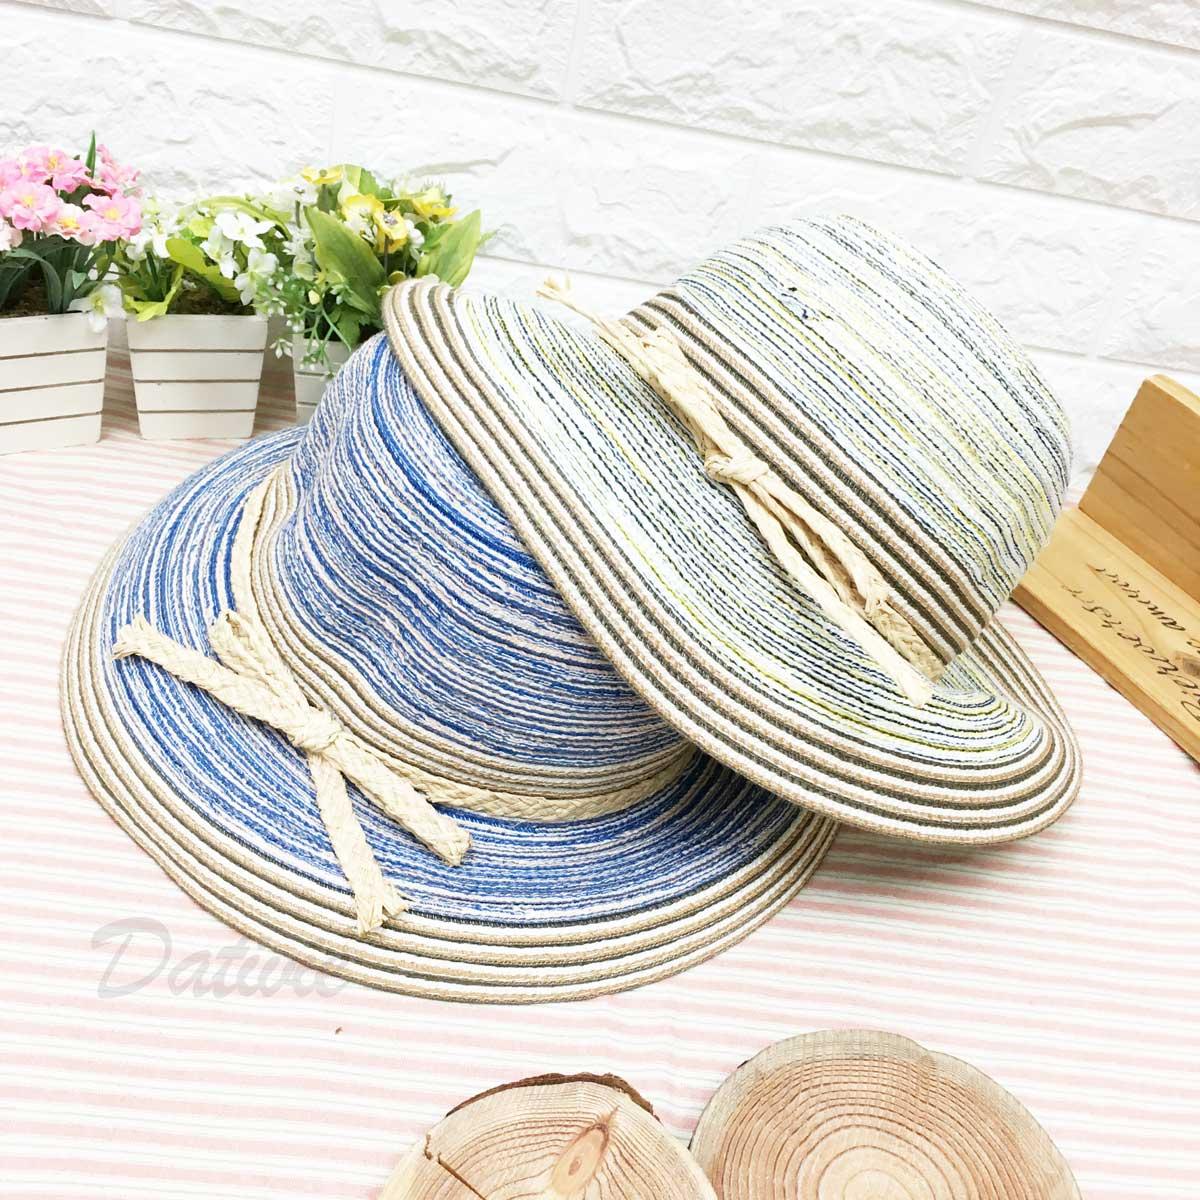 藍色 混色 編織 綁竹編 蝴蝶結裝飾 帽子 遮陽帽 草帽